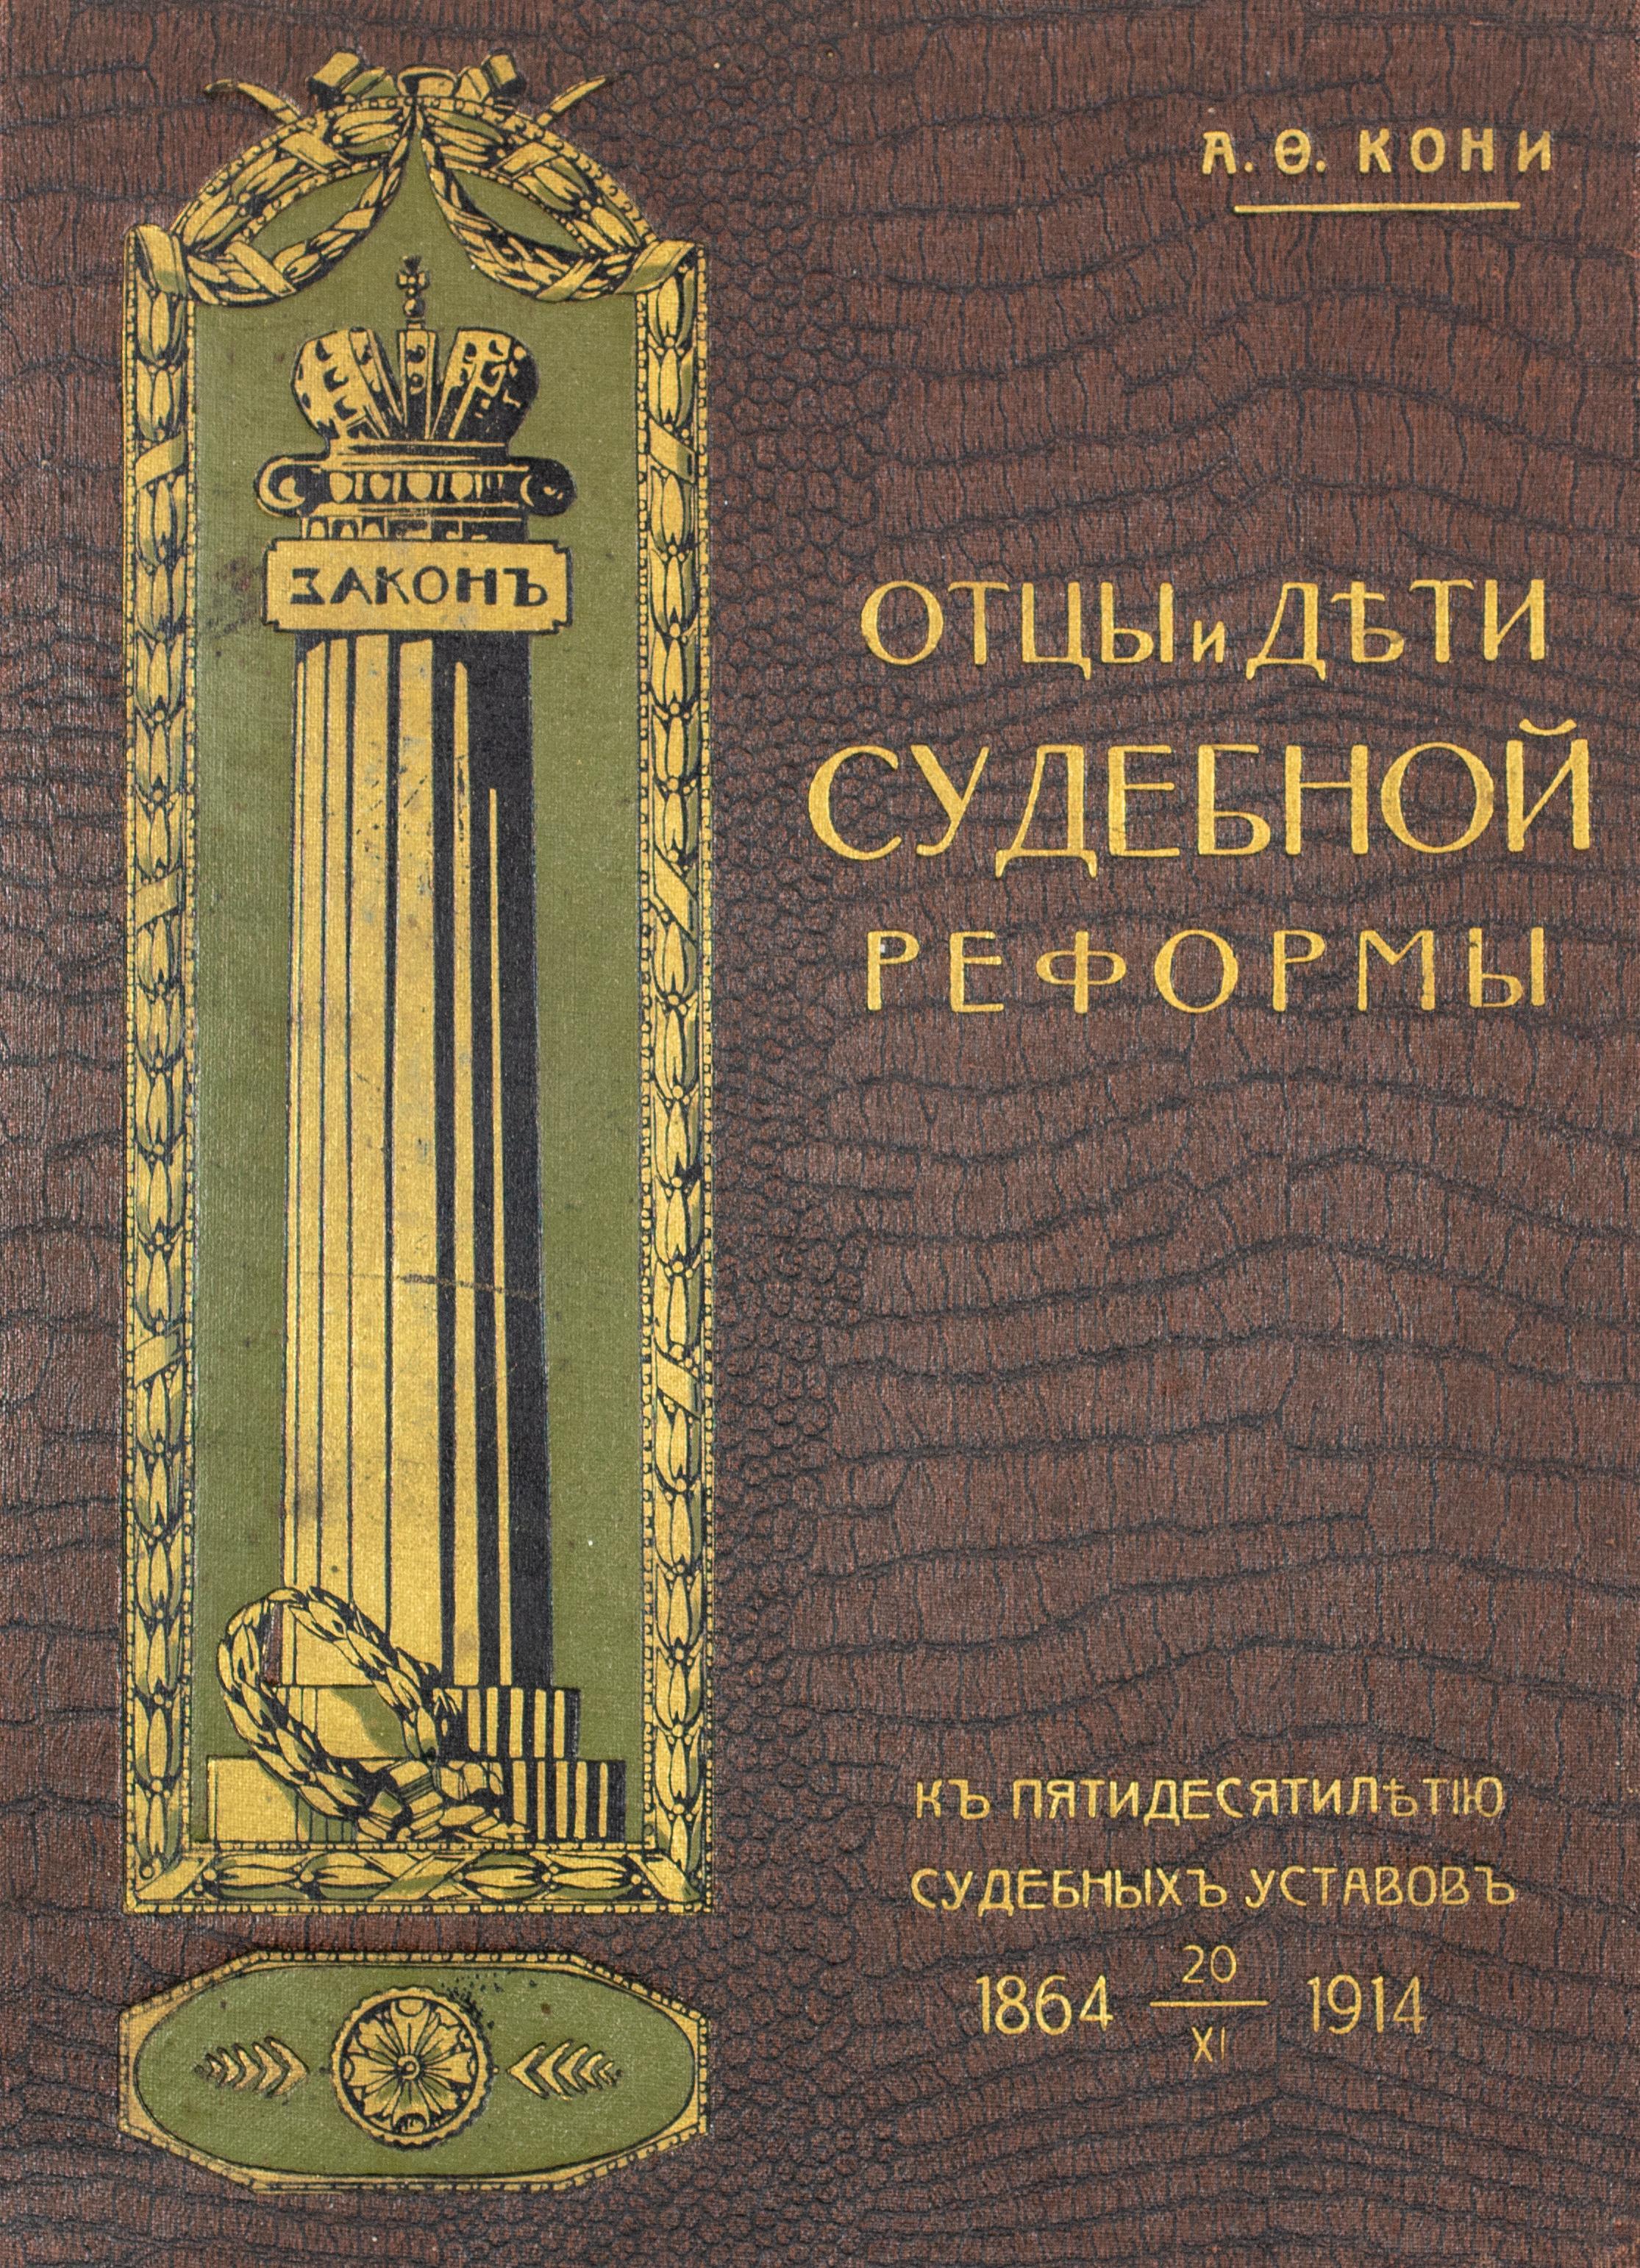 Lot 462 - KONI, Anatole. Pères et fils de la réforme judiciaire de 1864. Moscou, I. Sytine, [...]